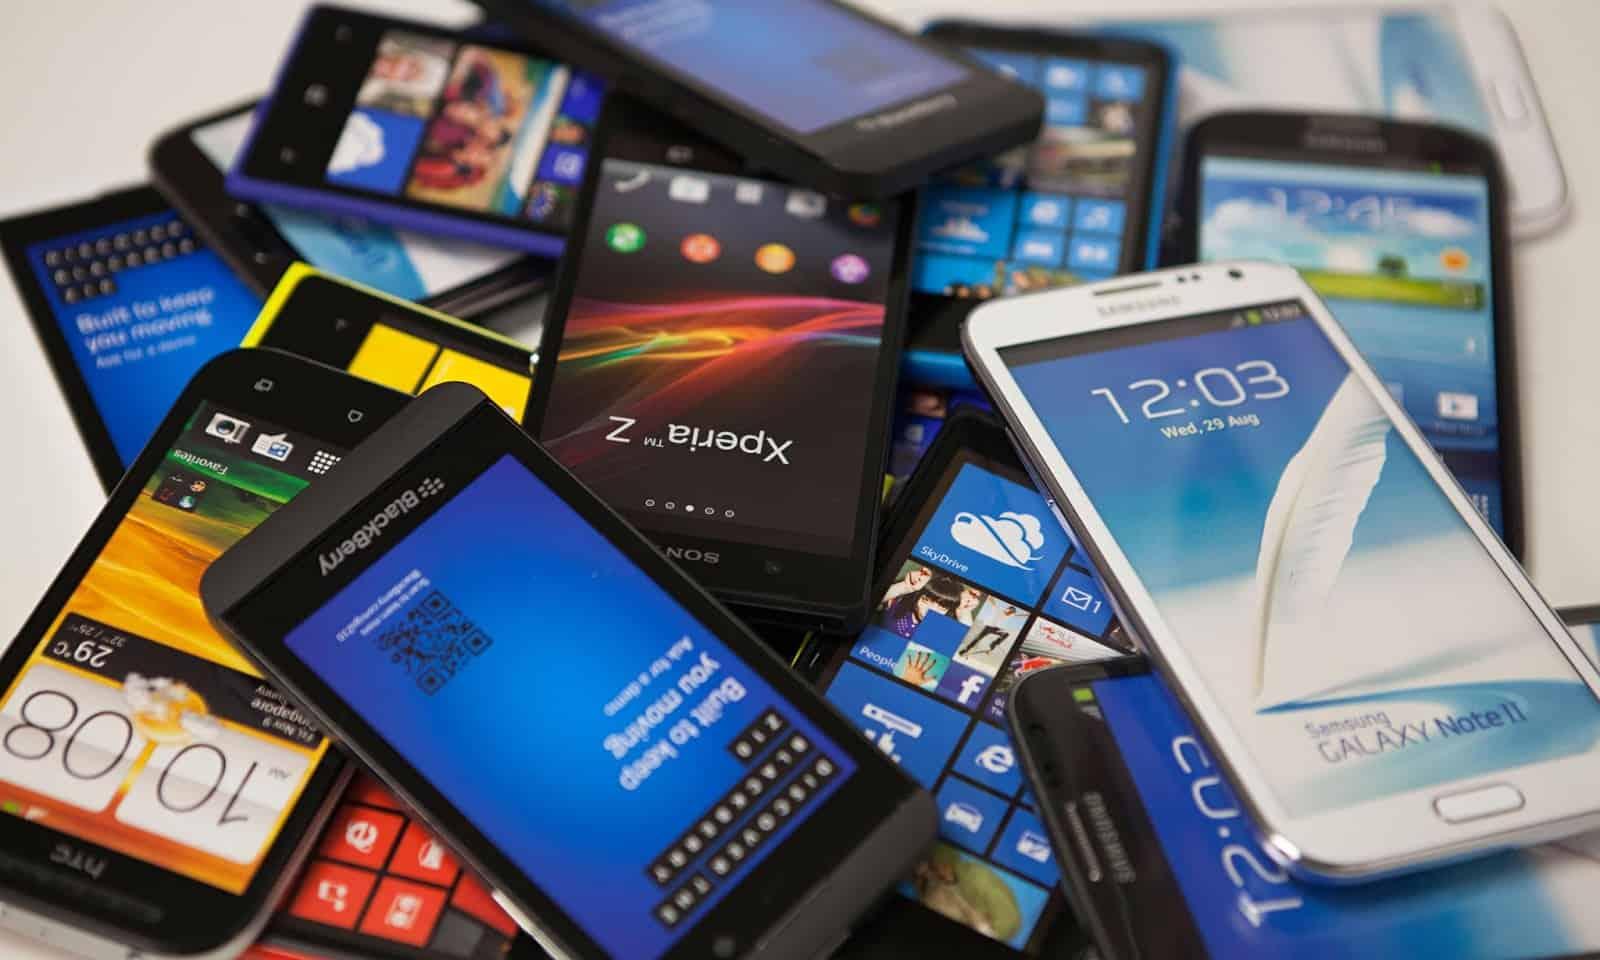 Venda de aparelhos celulares no Brasil aumenta 9,7% em 2017